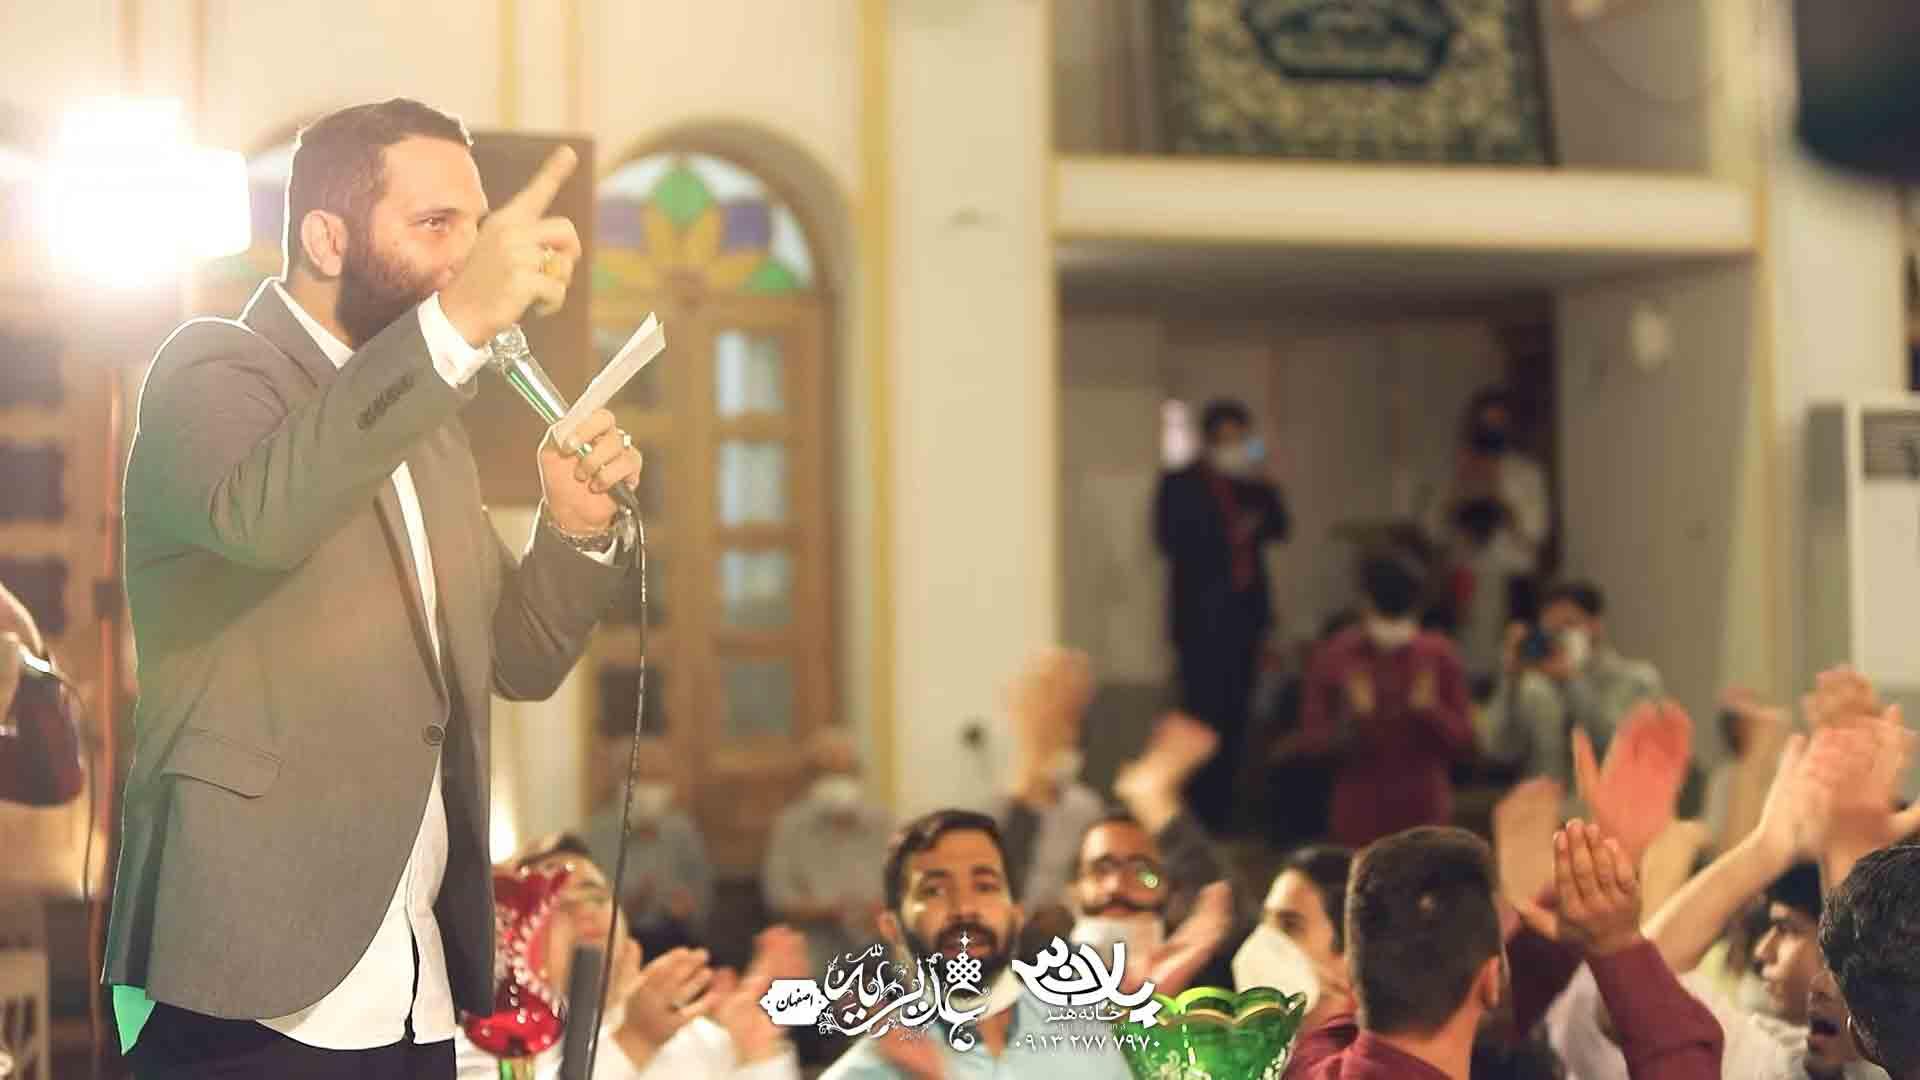 تویی نقطه پرگار محمدحسین حدادیان